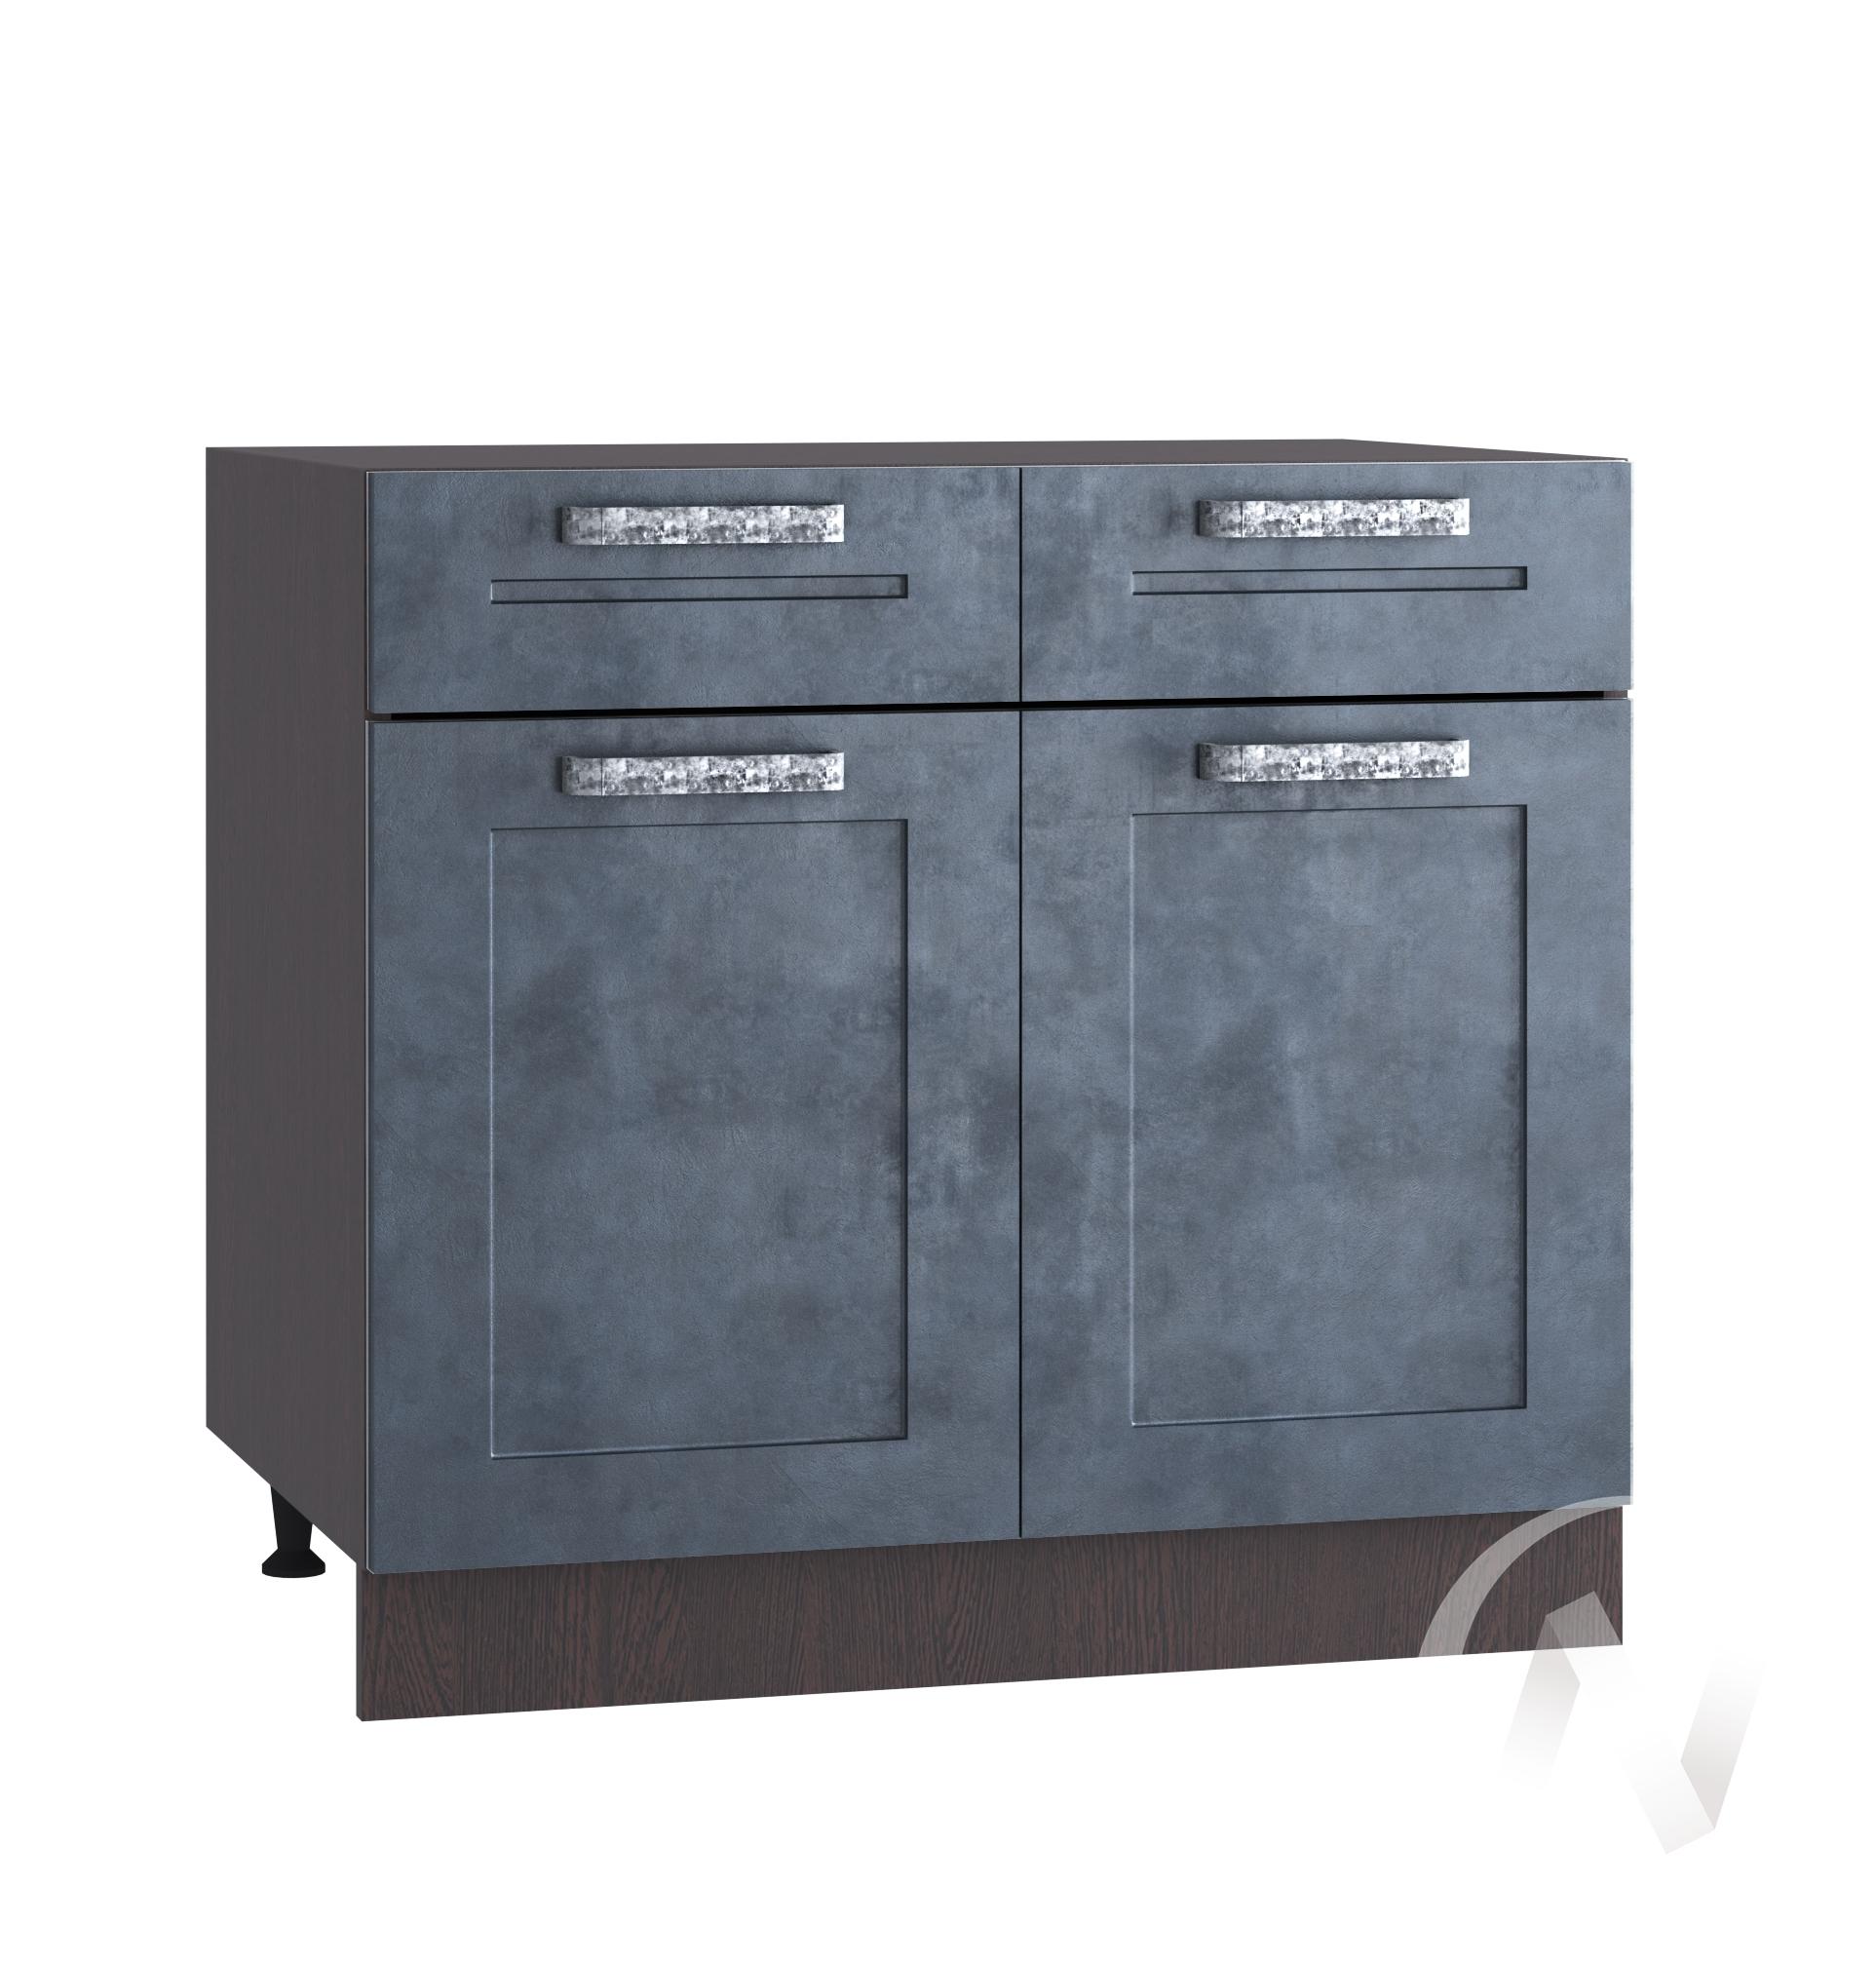 """Кухня """"Лофт"""": Шкаф нижний с ящиками 800, ШН1Я 800 (Бетон графит/корпус венге)"""